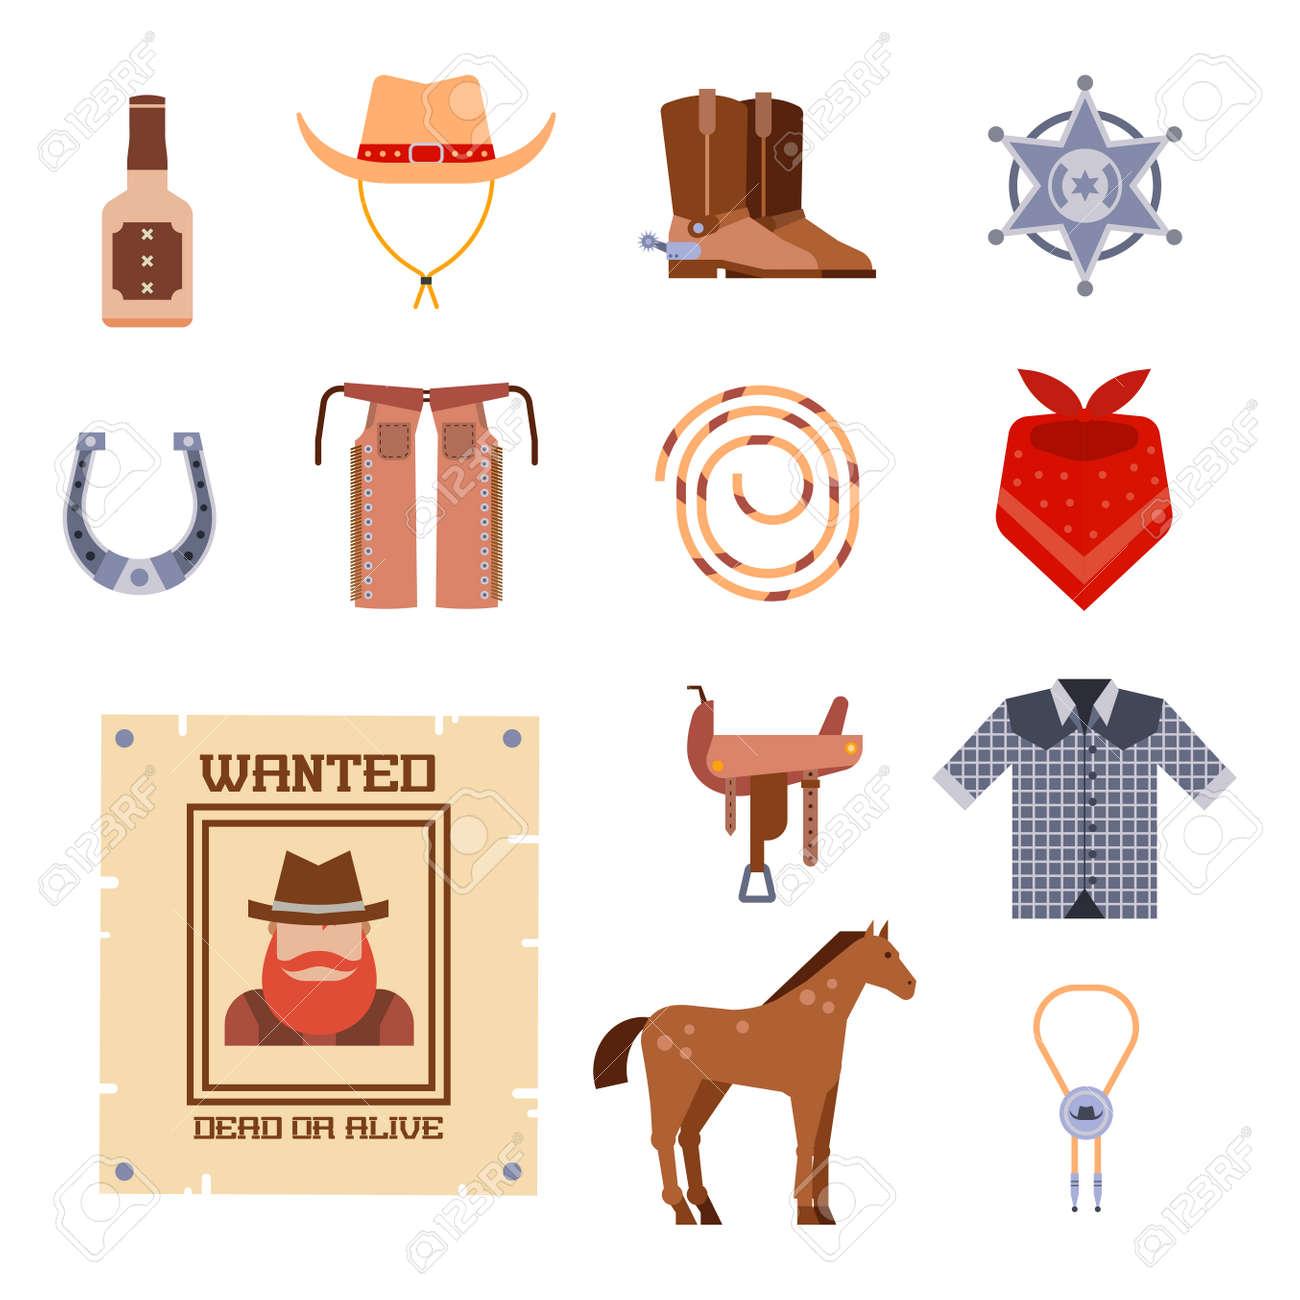 52be4e67148d Foto de archivo - Salvaje oeste elementos conjunto iconos vaquero rodeo  equipo y accesorios diferentes ilustración vectorial.